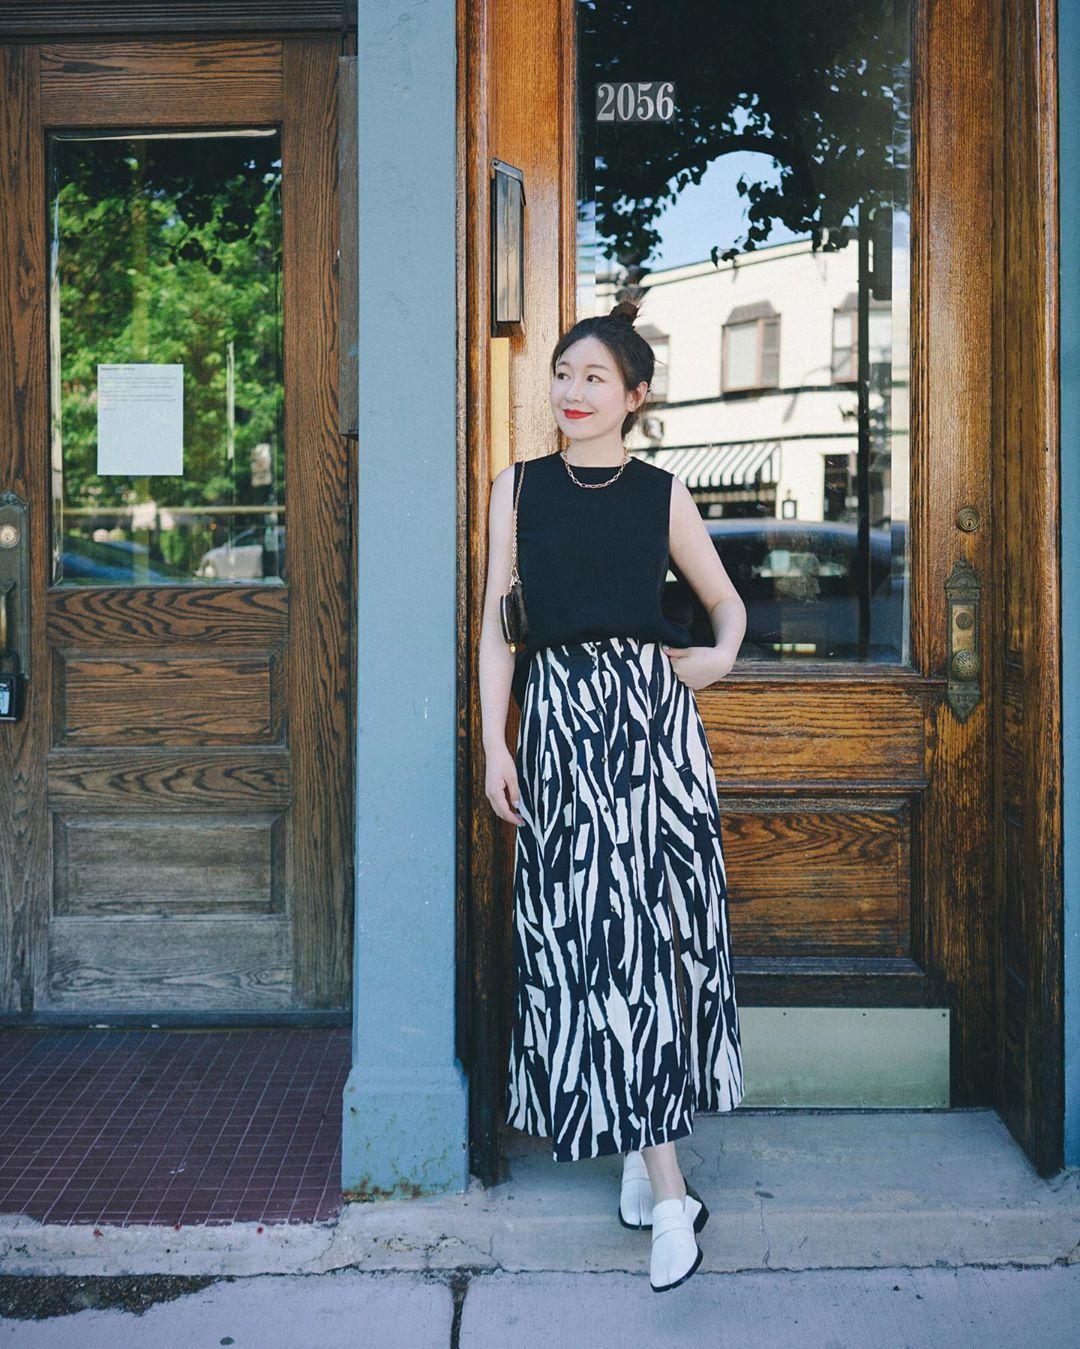 Dress code semi formal - Chân váy họa tiết trừu tượng và áo tanktop đen